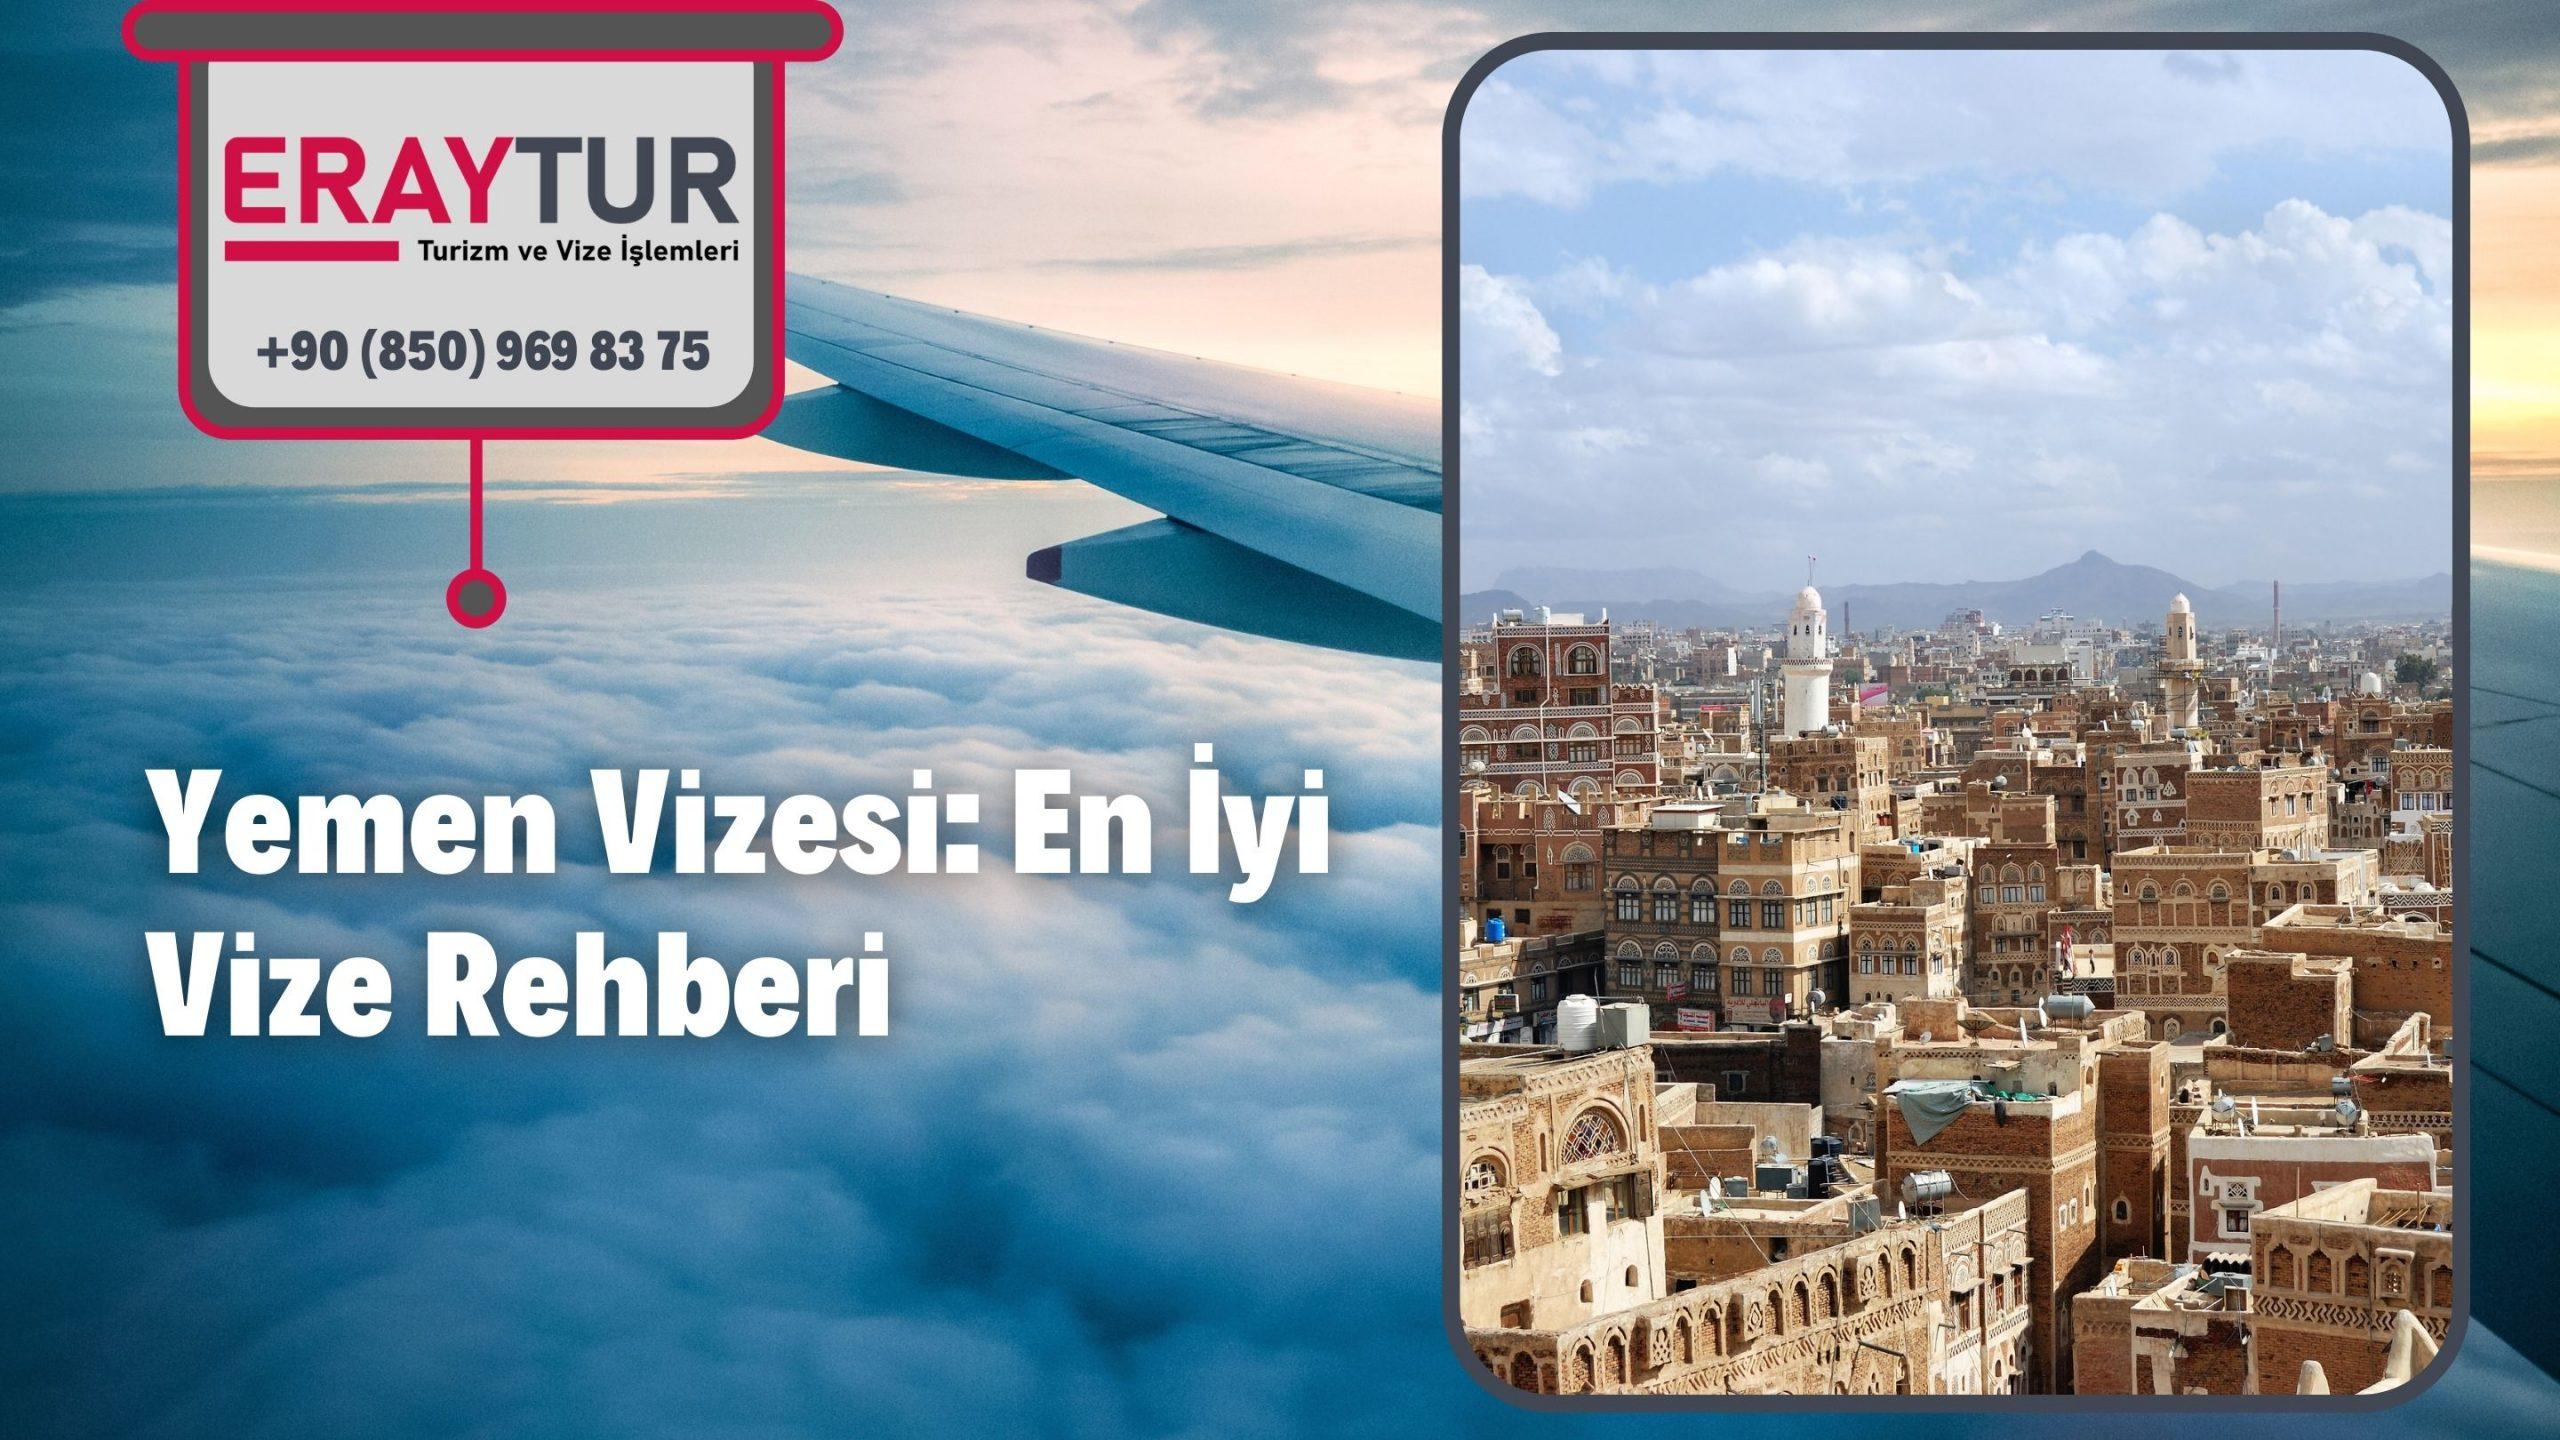 Yemen Vizesi: En İyi Vize Rehberi 2021